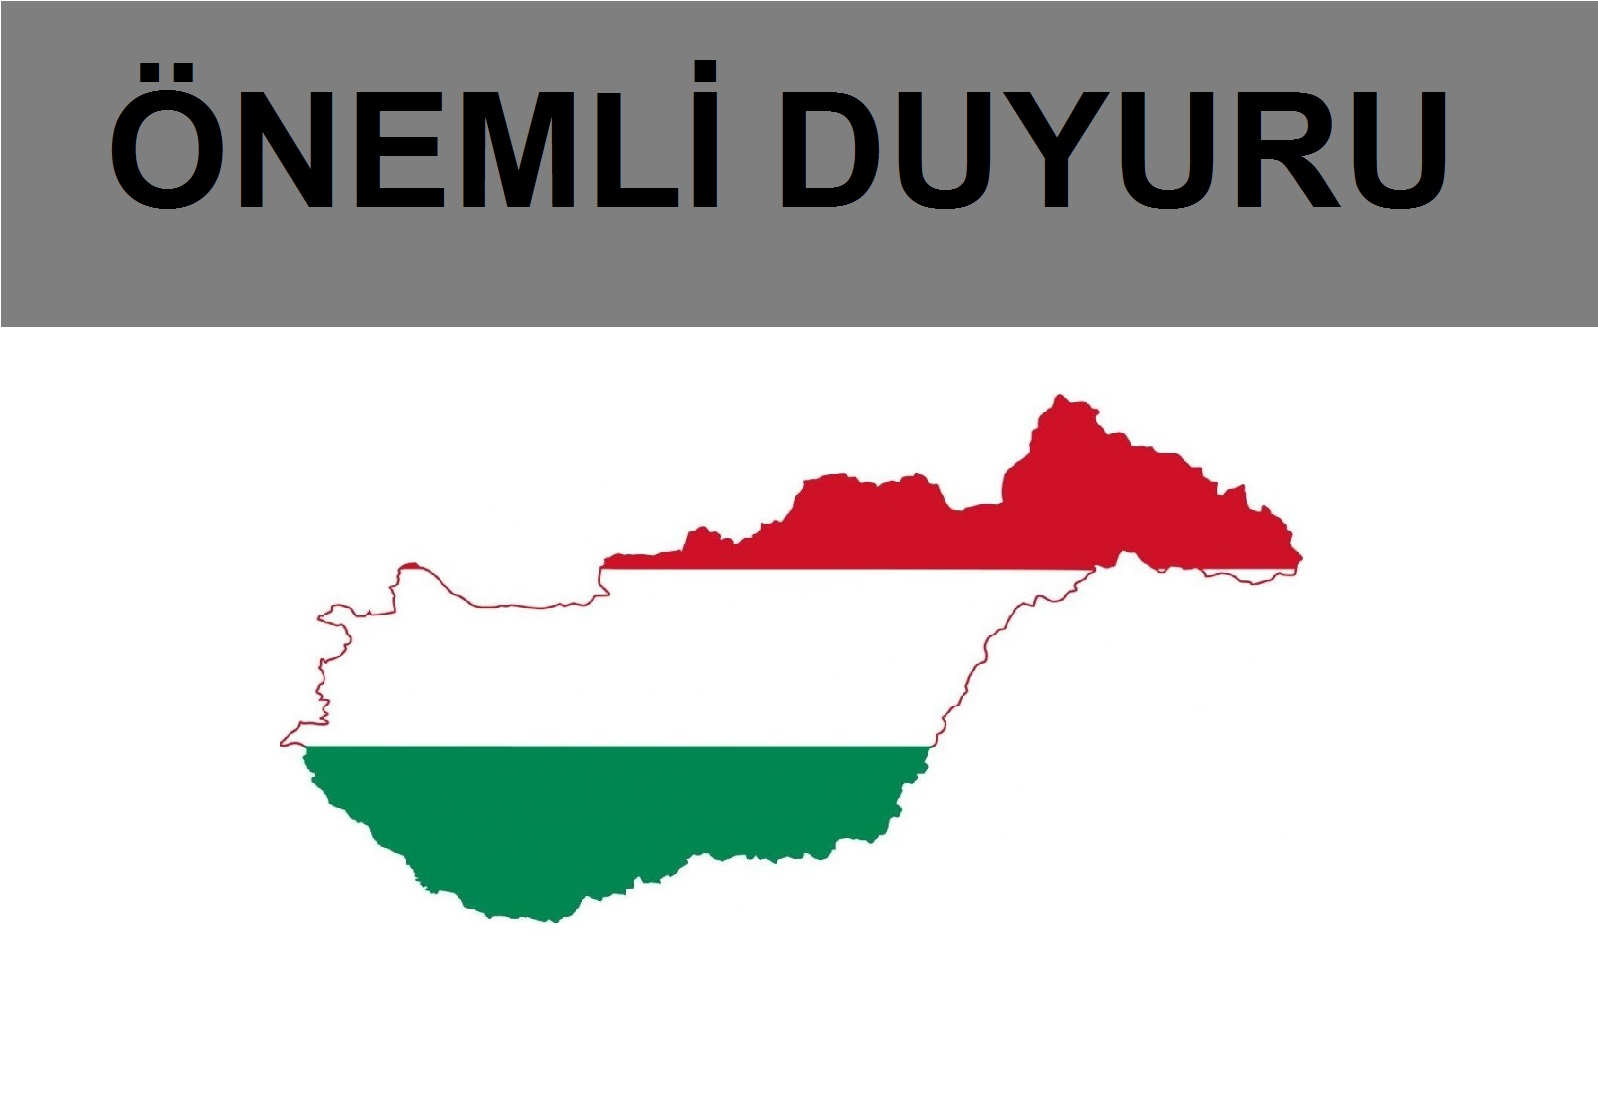 Macaristan, Bıreg Sistemine Kayıt Olmayan Araçlara 2.500 Euro Tutarında Ceza Uygulamaktadır